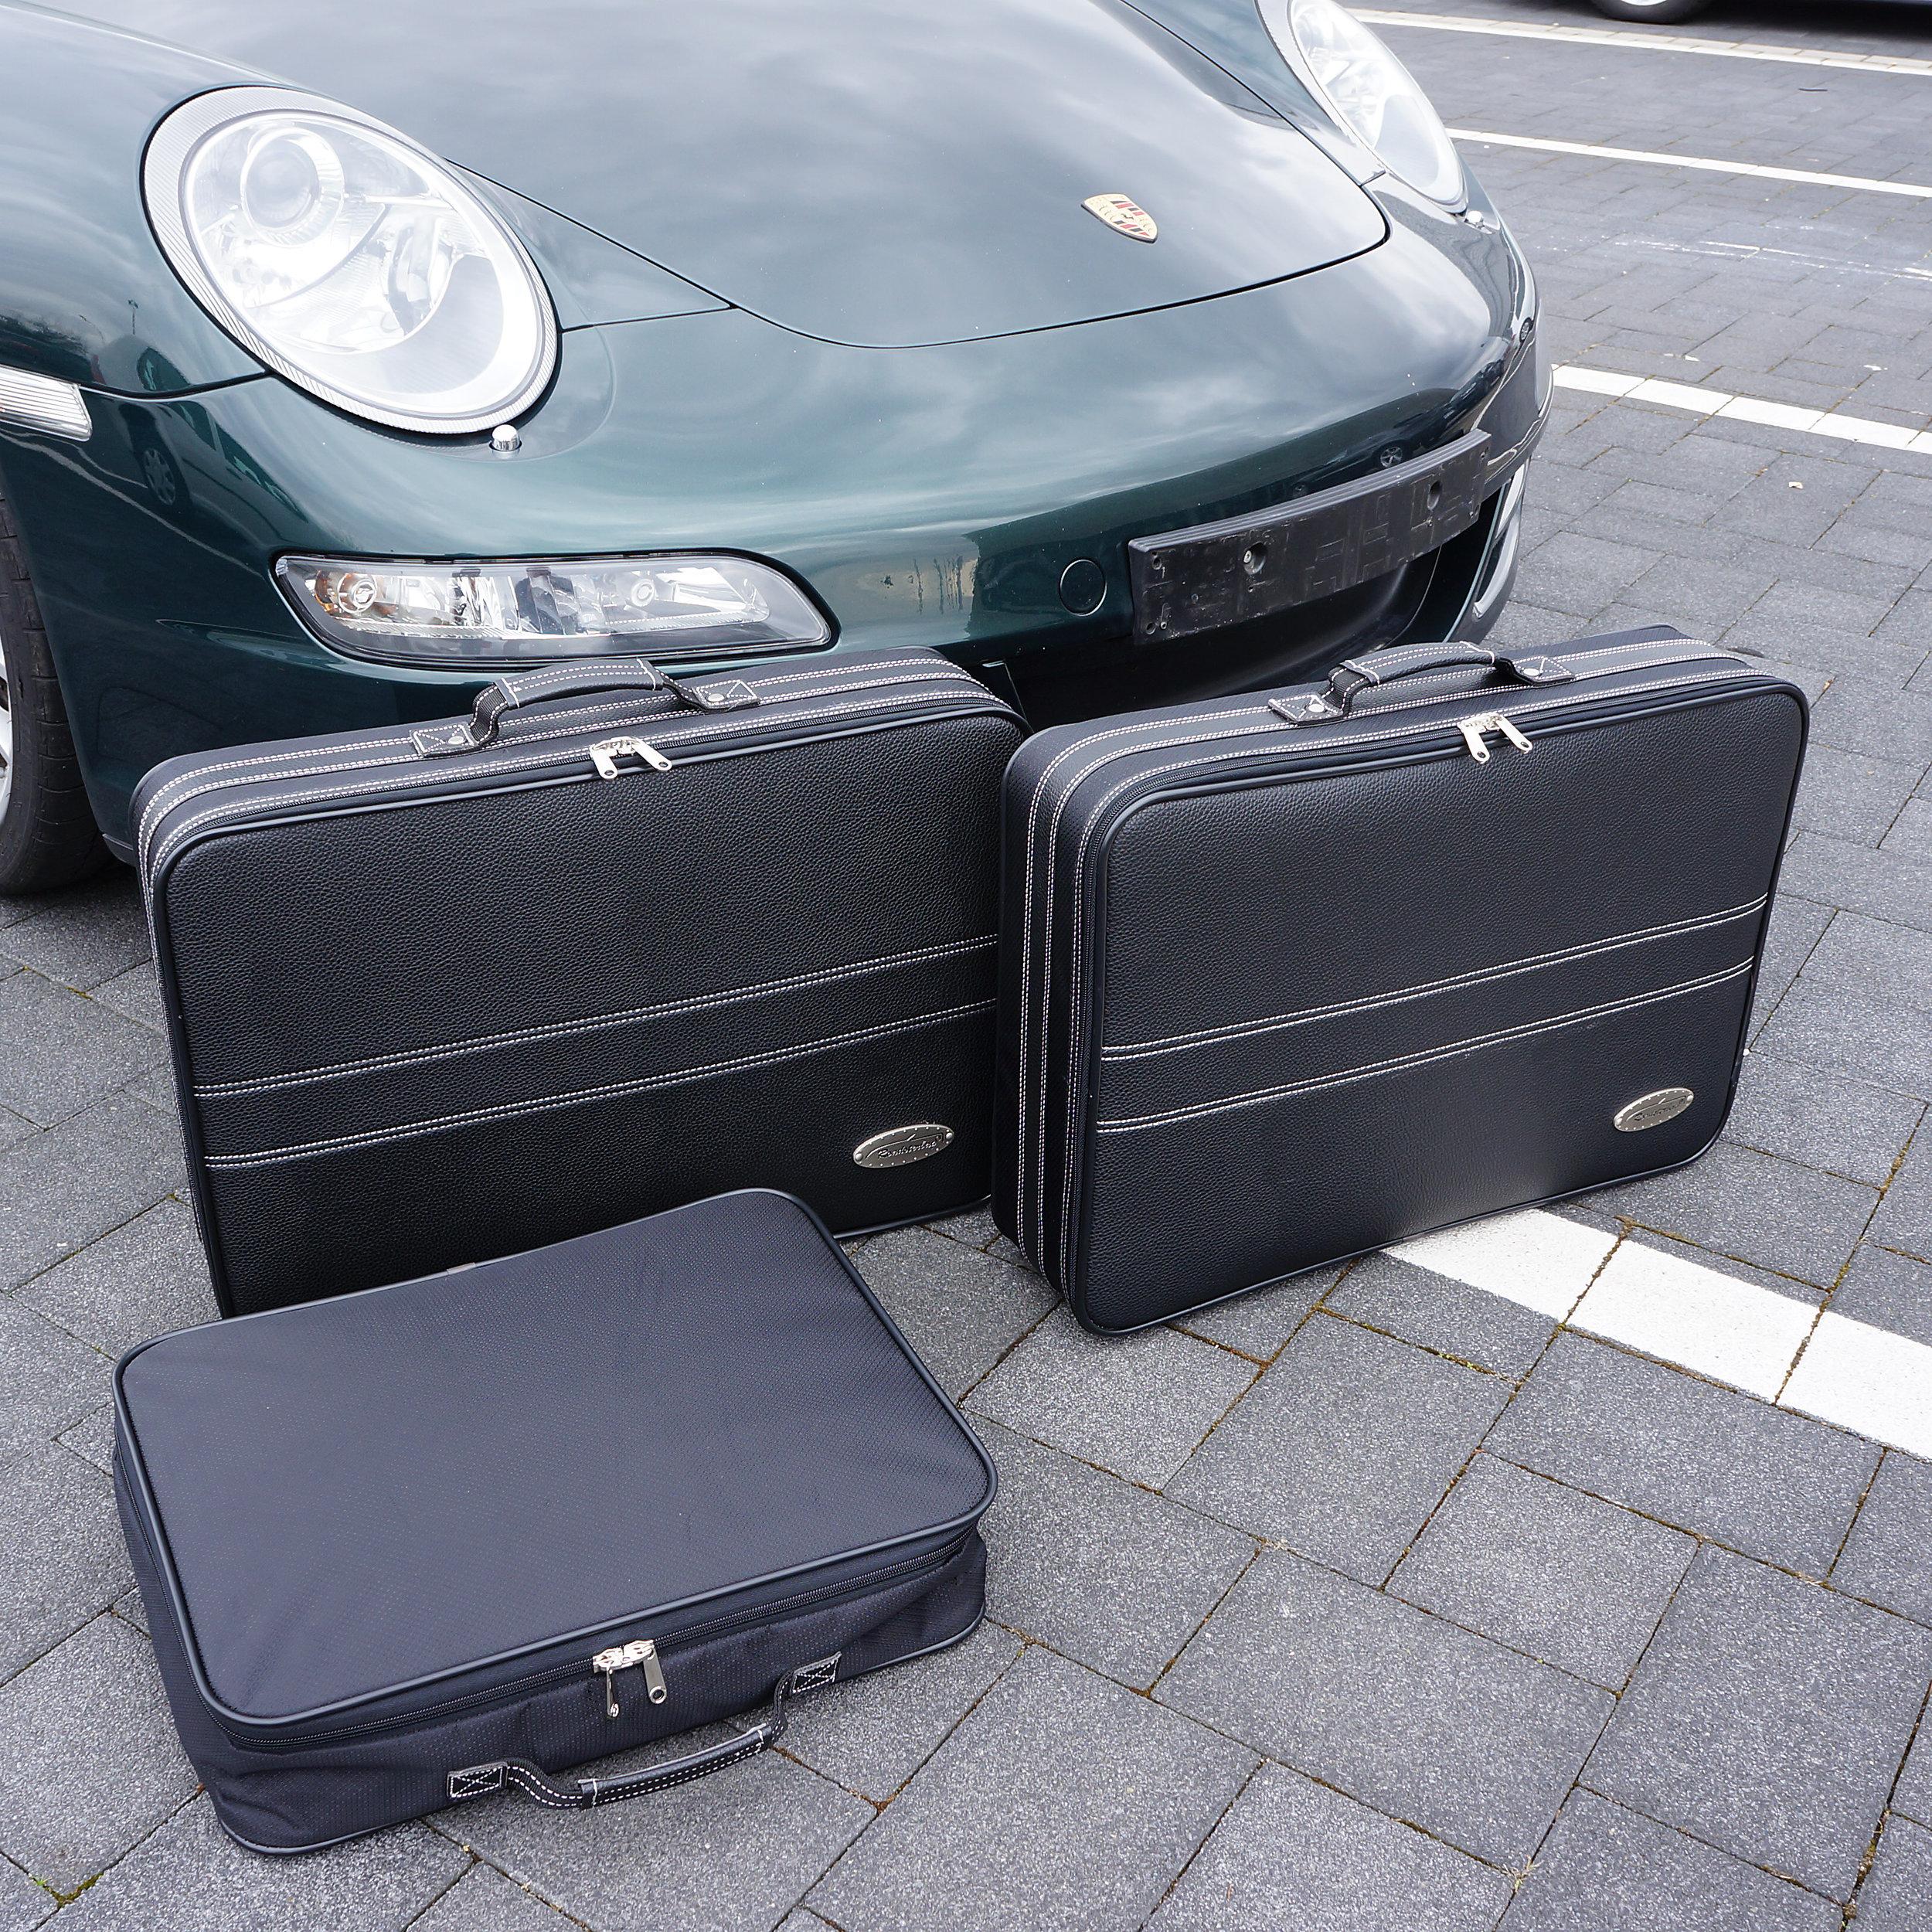 3-tlg. Kofferset Porsche 911 (996 ohne Allrad) 92 Liter